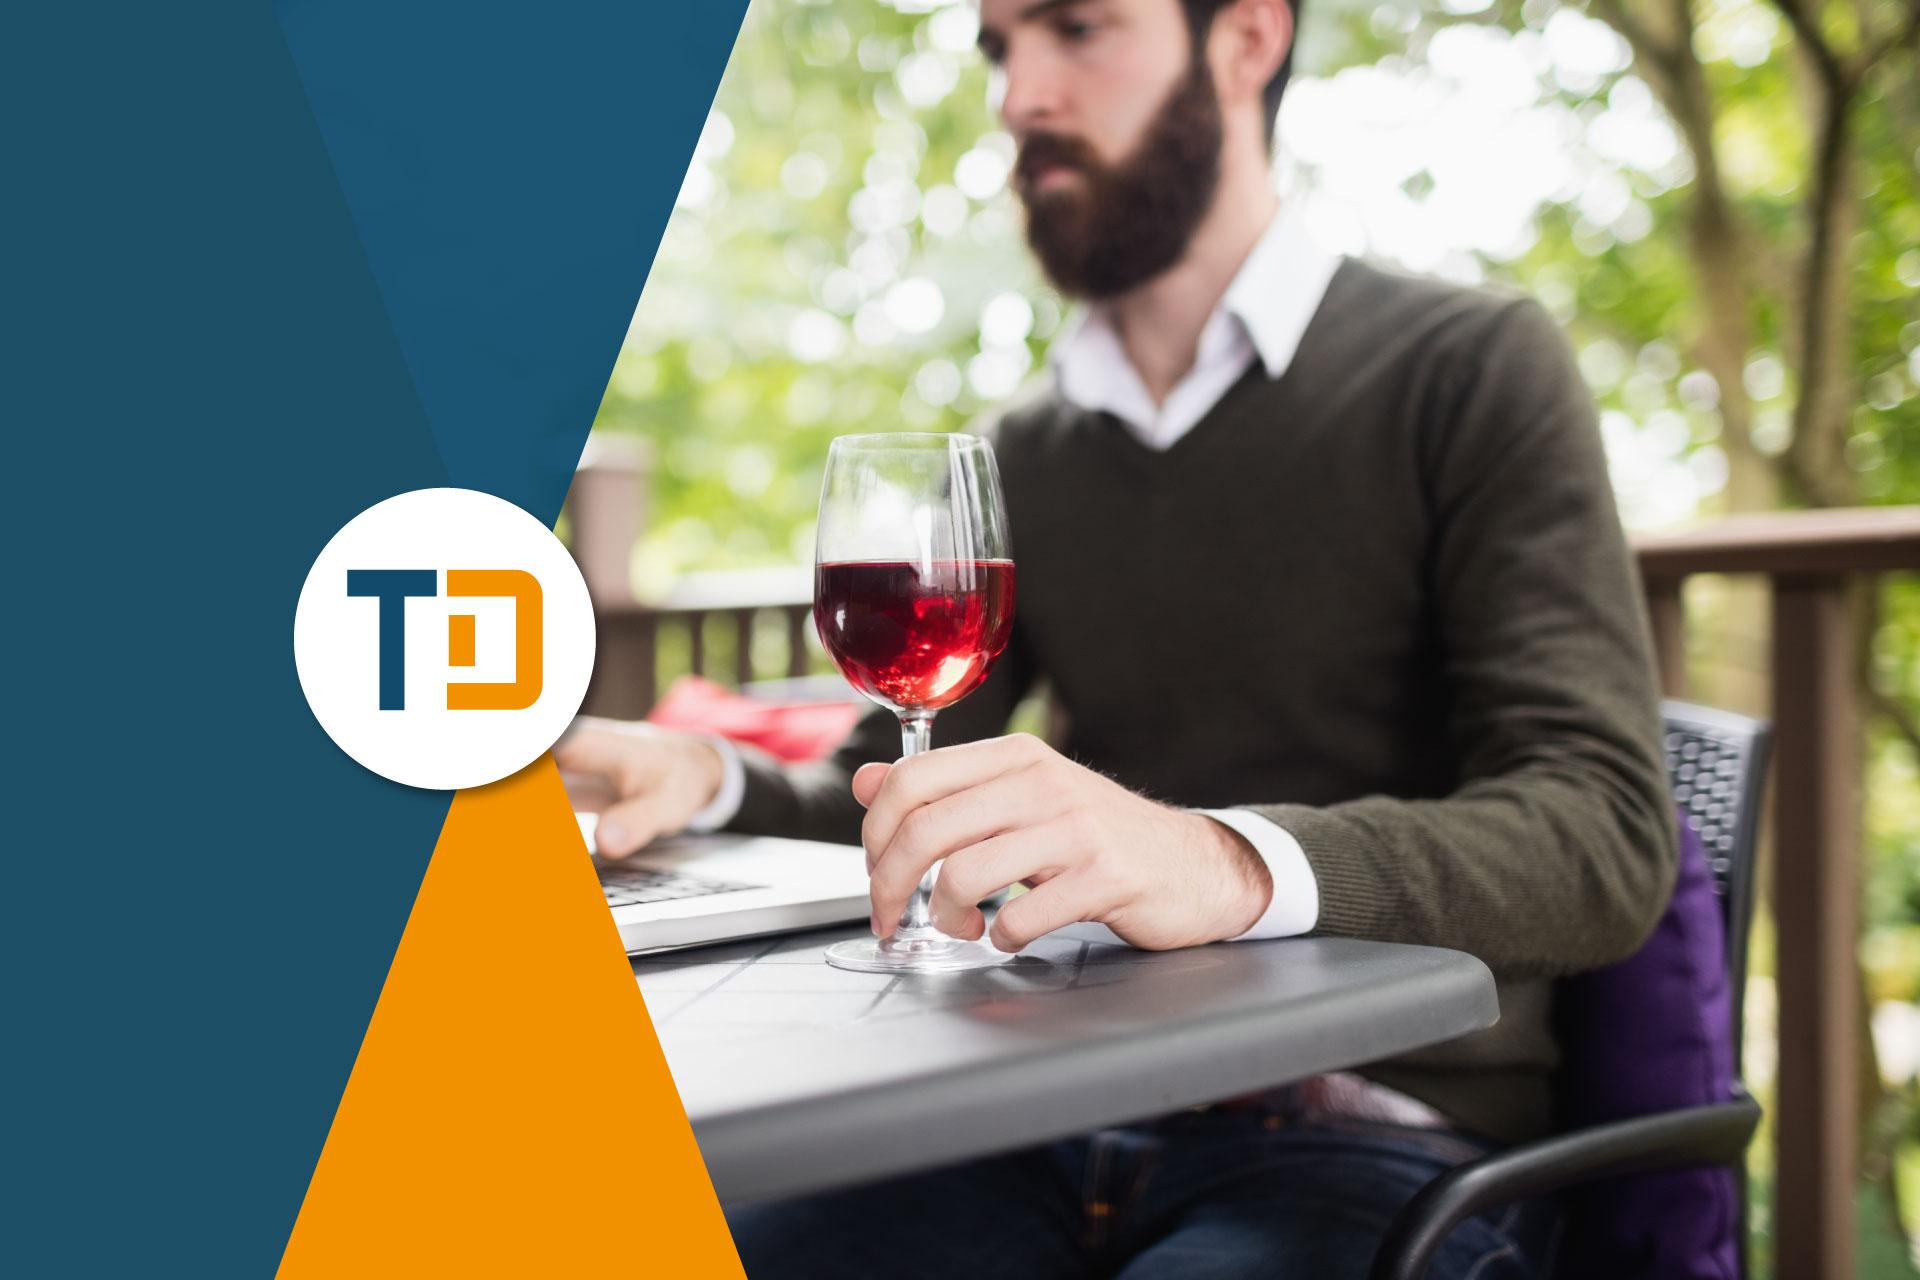 Uomo tiene in mano un bicchiere di vino rosso mentre utilizza il computer